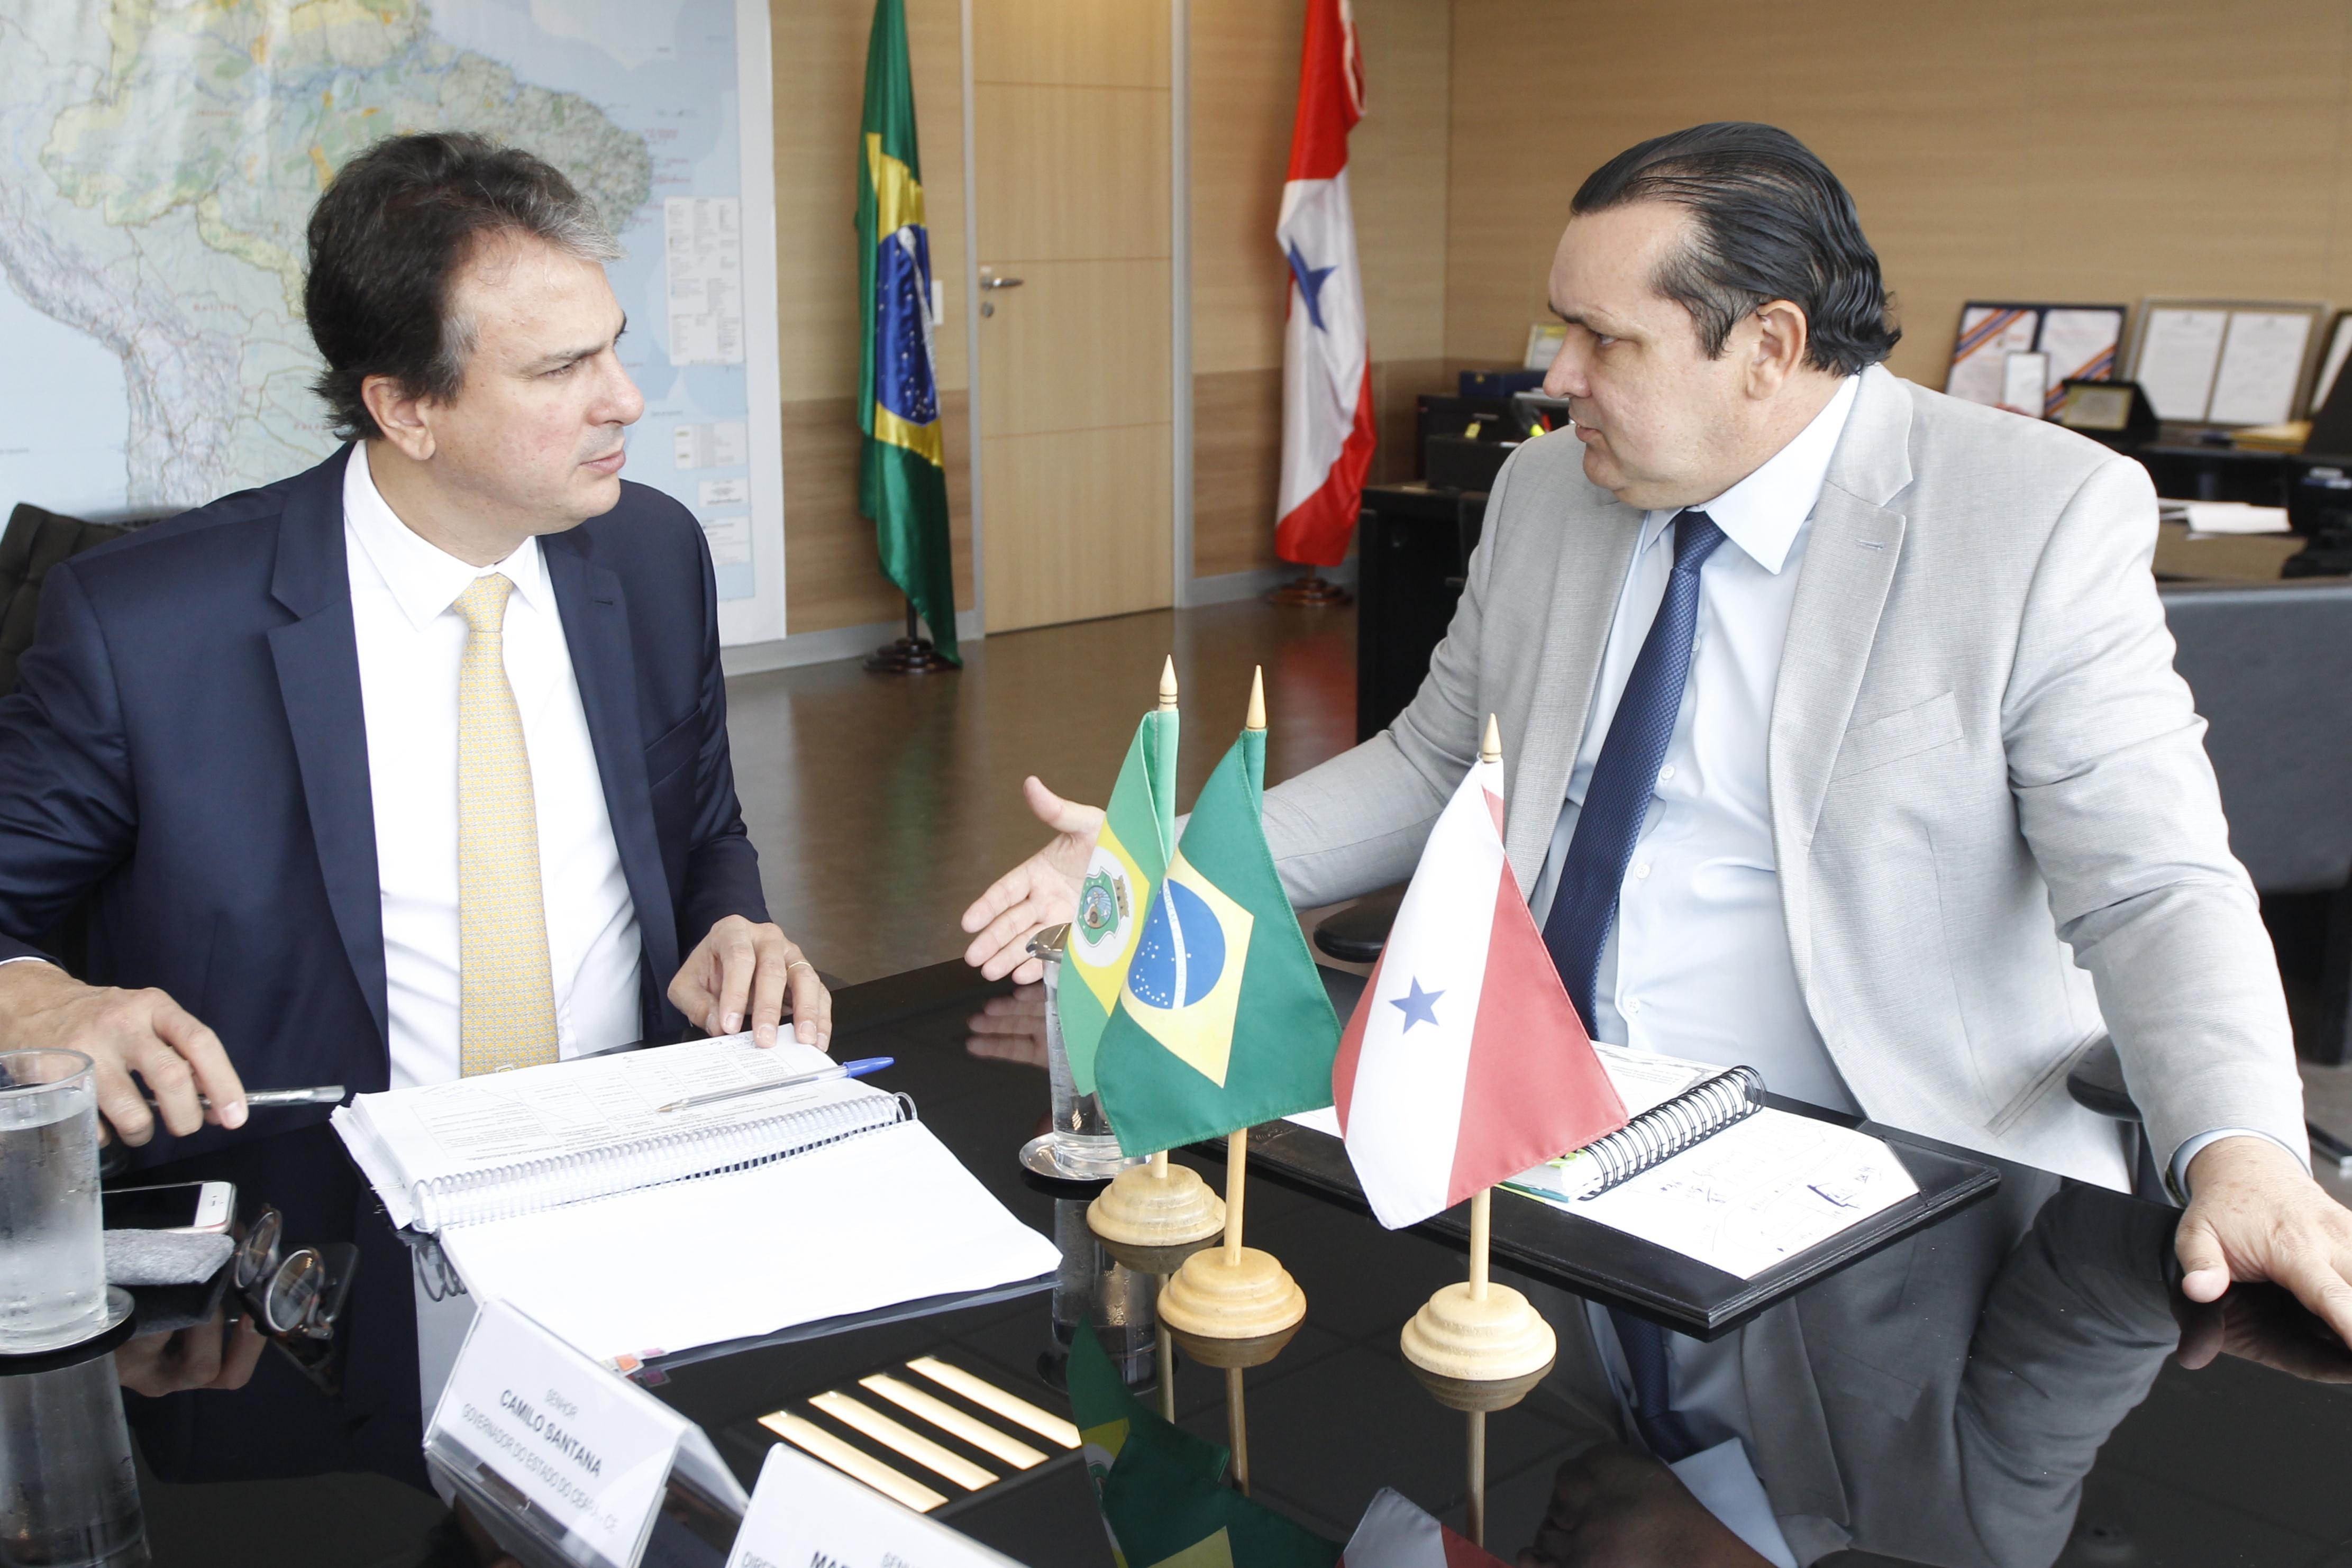 Em reunião com o governador, ministro libera R$ 43 milhões para o CAC e marca inauguração da transposição